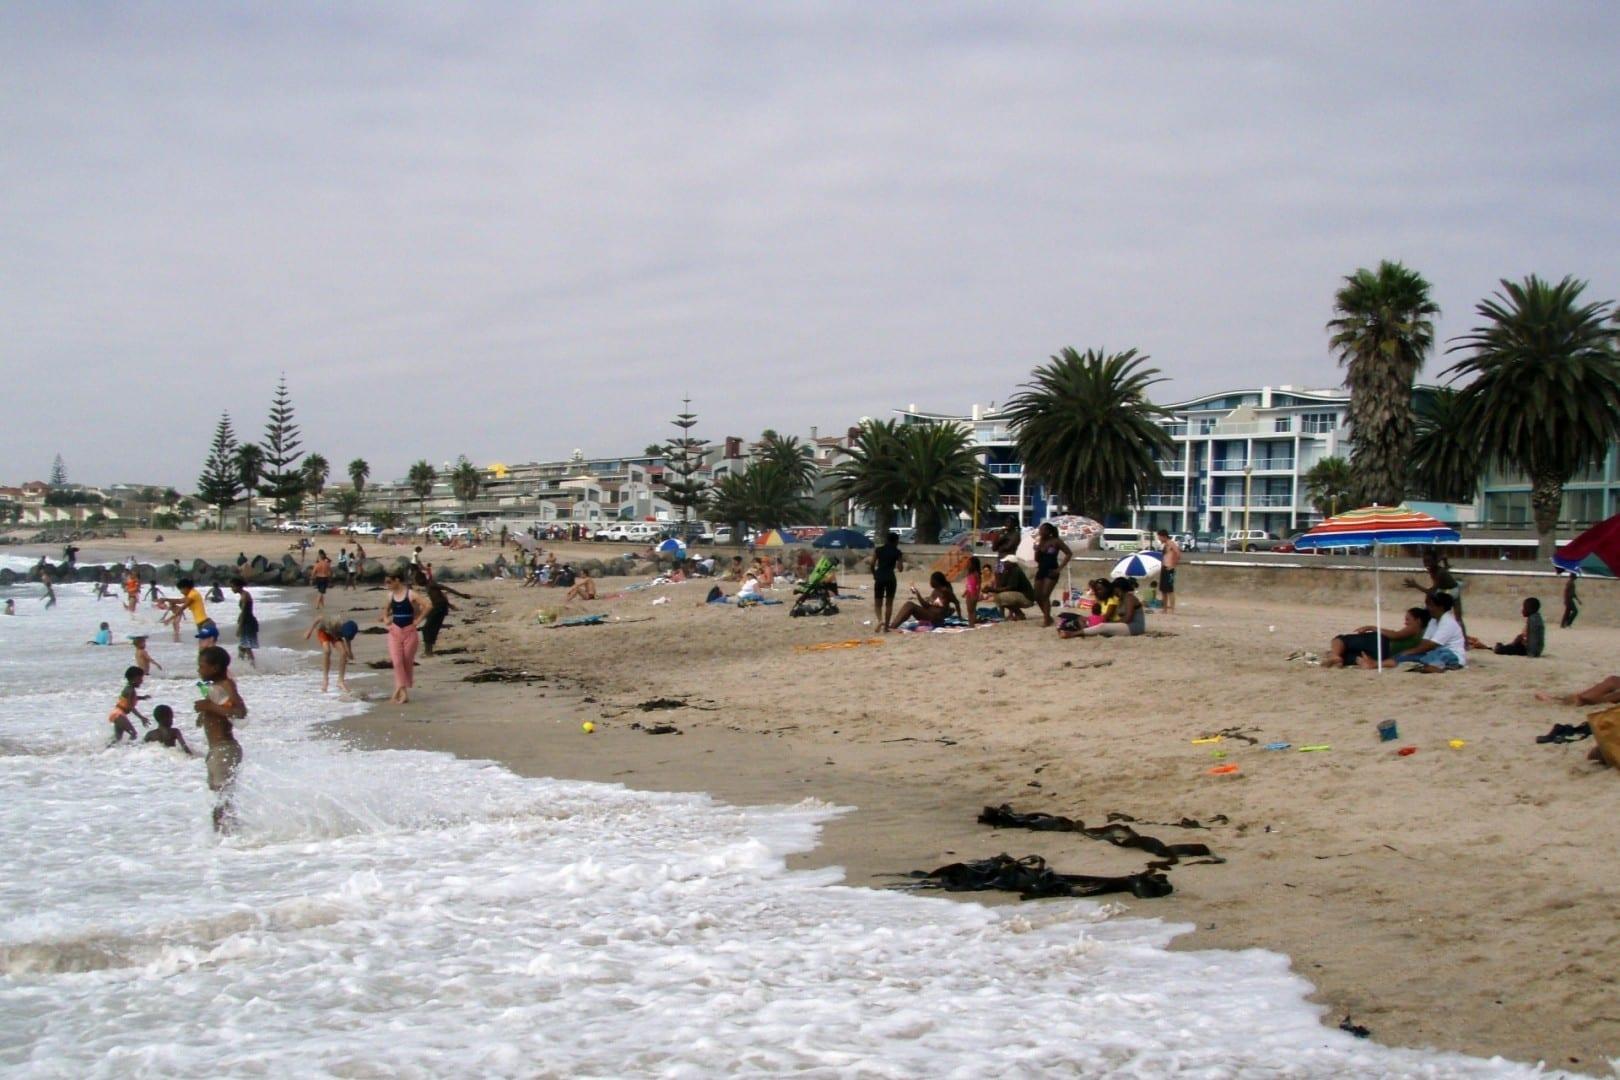 Las playas son una de las principales atracciones de Swakopmund... Swakopmund Namibia